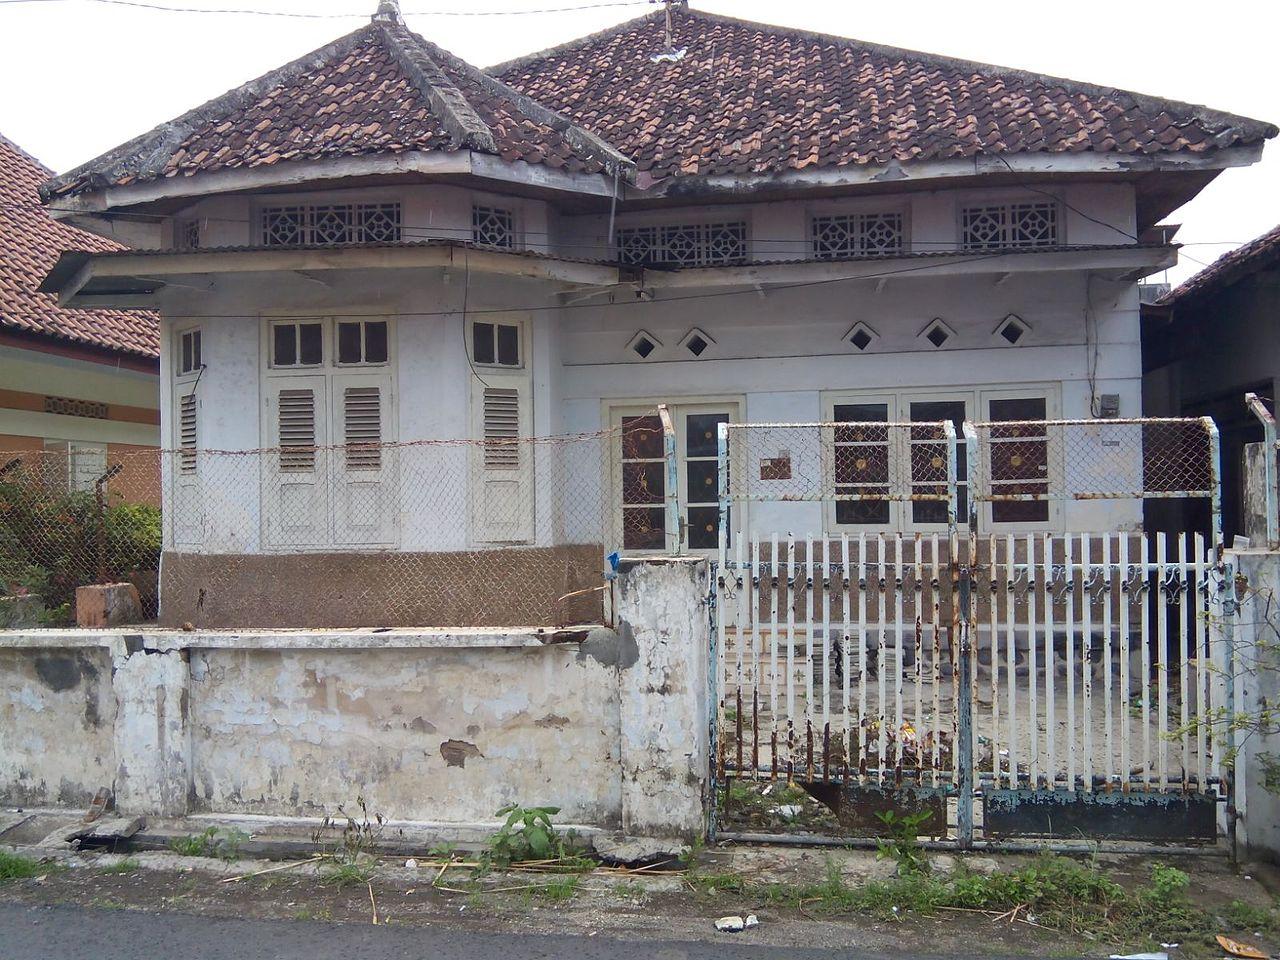 Berkas Rumah kuno berarsitektur kolonial di Kampong